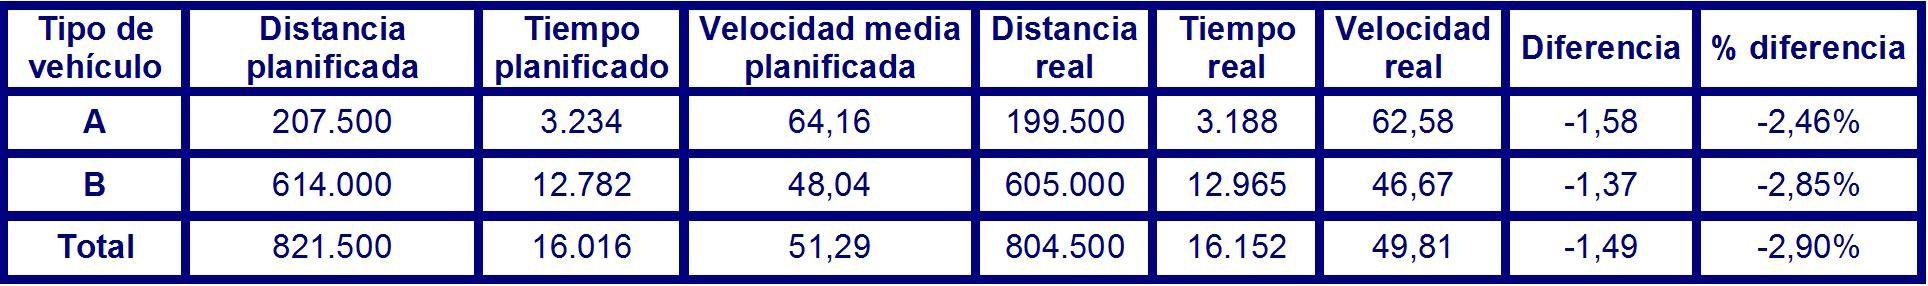 Tabla 80 desviación velocidad media real respecto a lo planificado en el corto plazo.